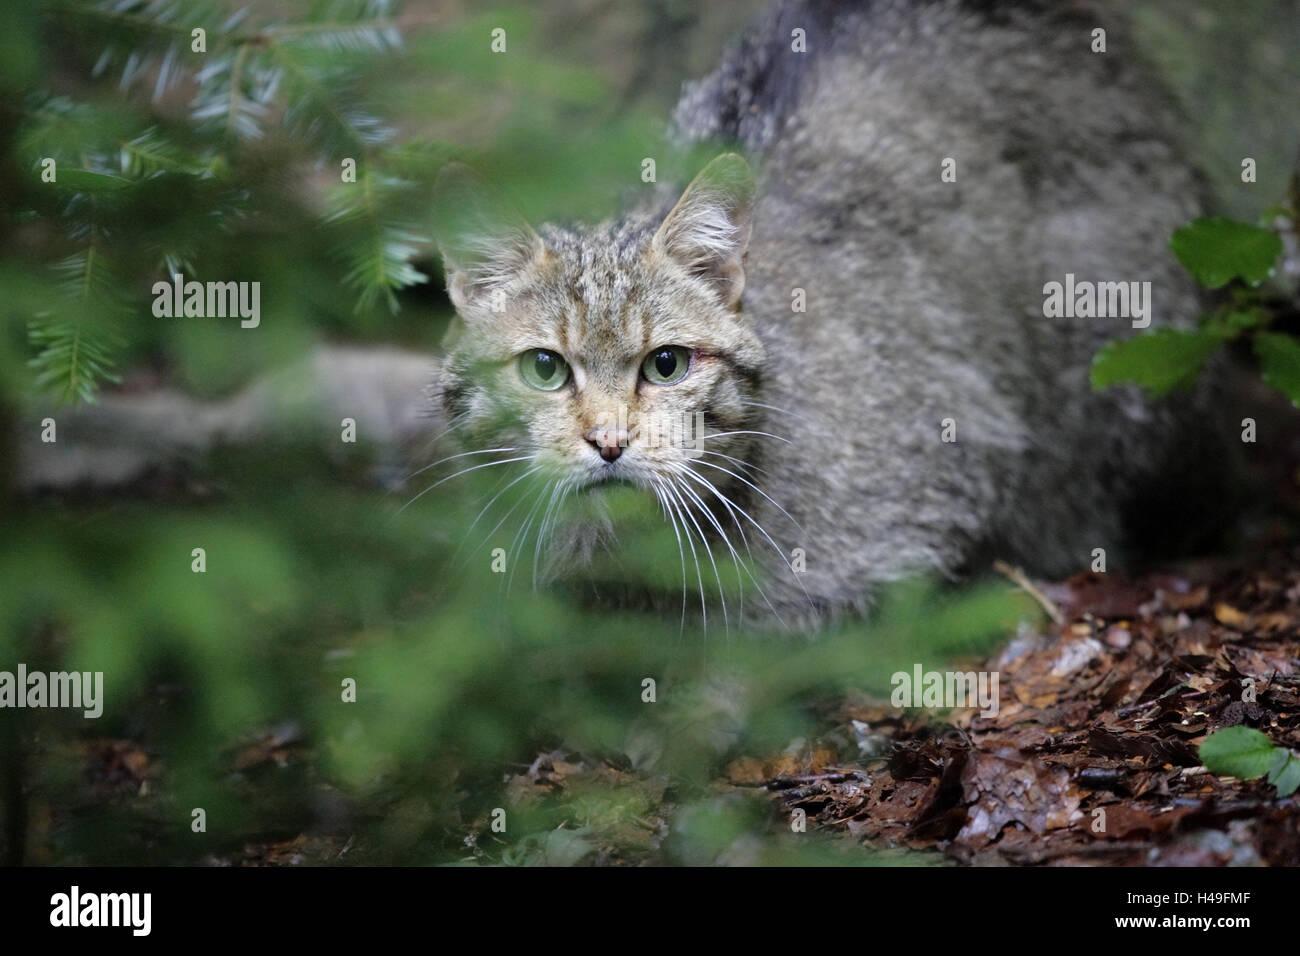 Holz, Wildkatze, Felis Silvestris, Häute, wildes Tier, Wildnis, Tier, Säugetier, Katze, Raubtier, kleine Stockbild